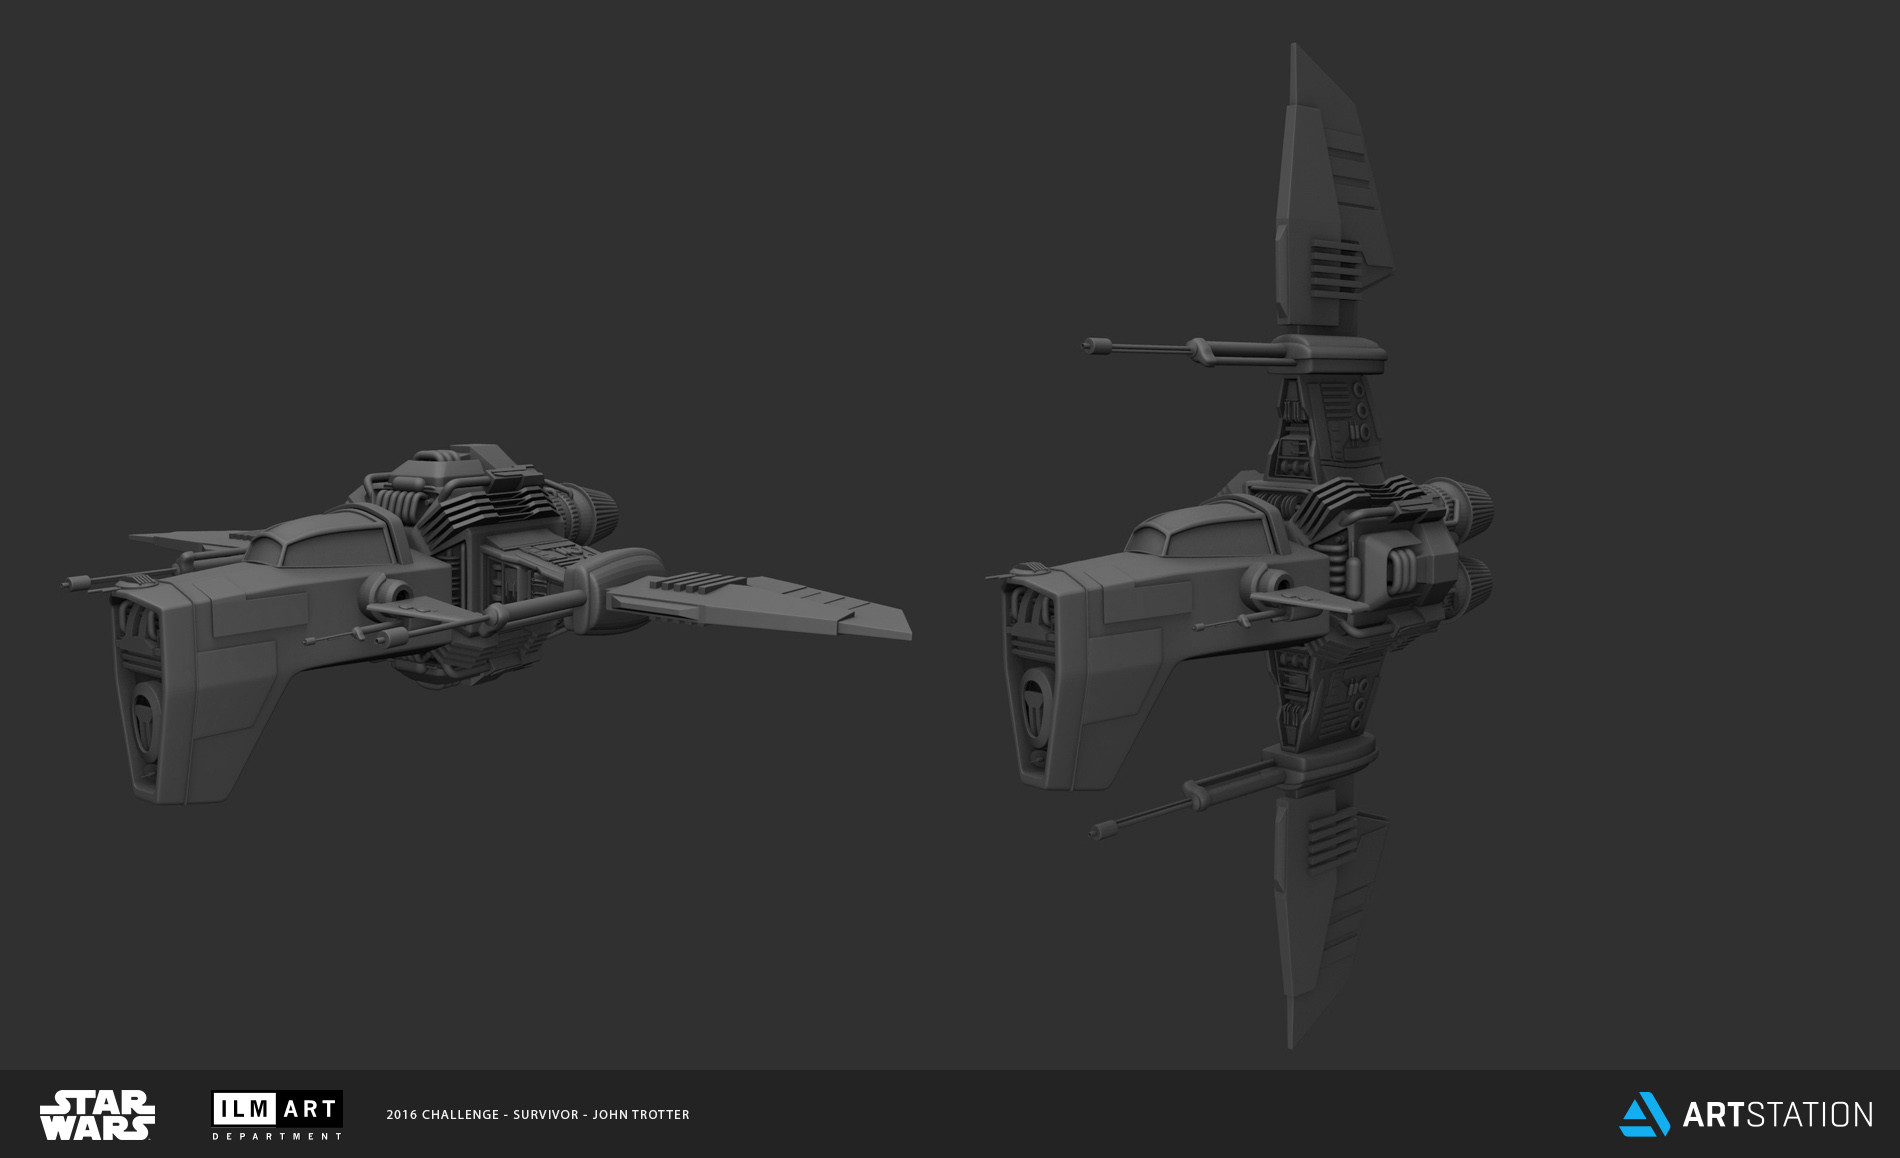 john-trotter-danjifighterlanding.jpg?147